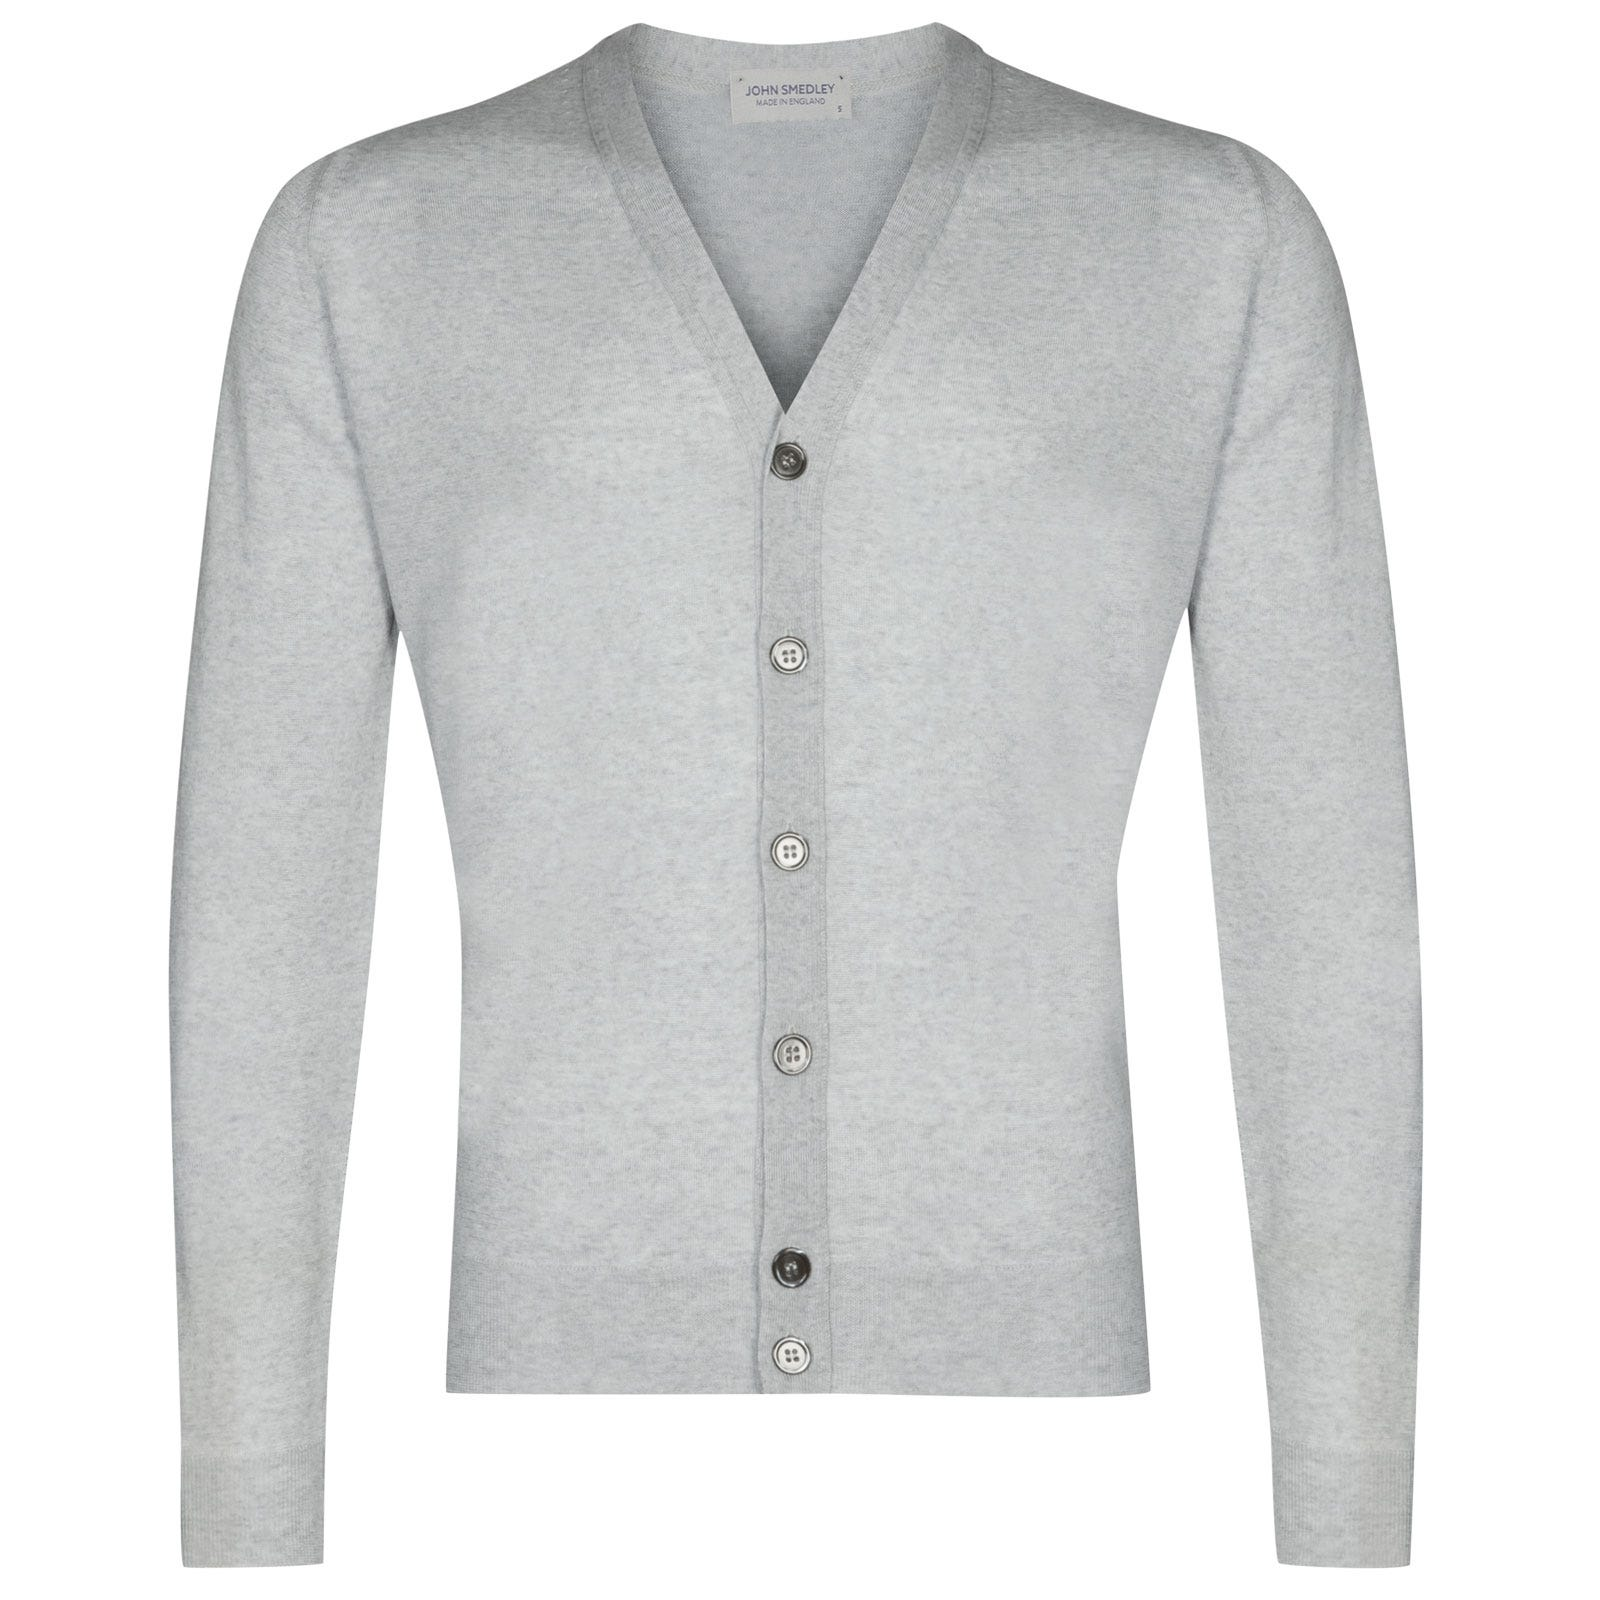 John Smedley Naples Merino Wool Cardigan in Bardot Grey-XXL